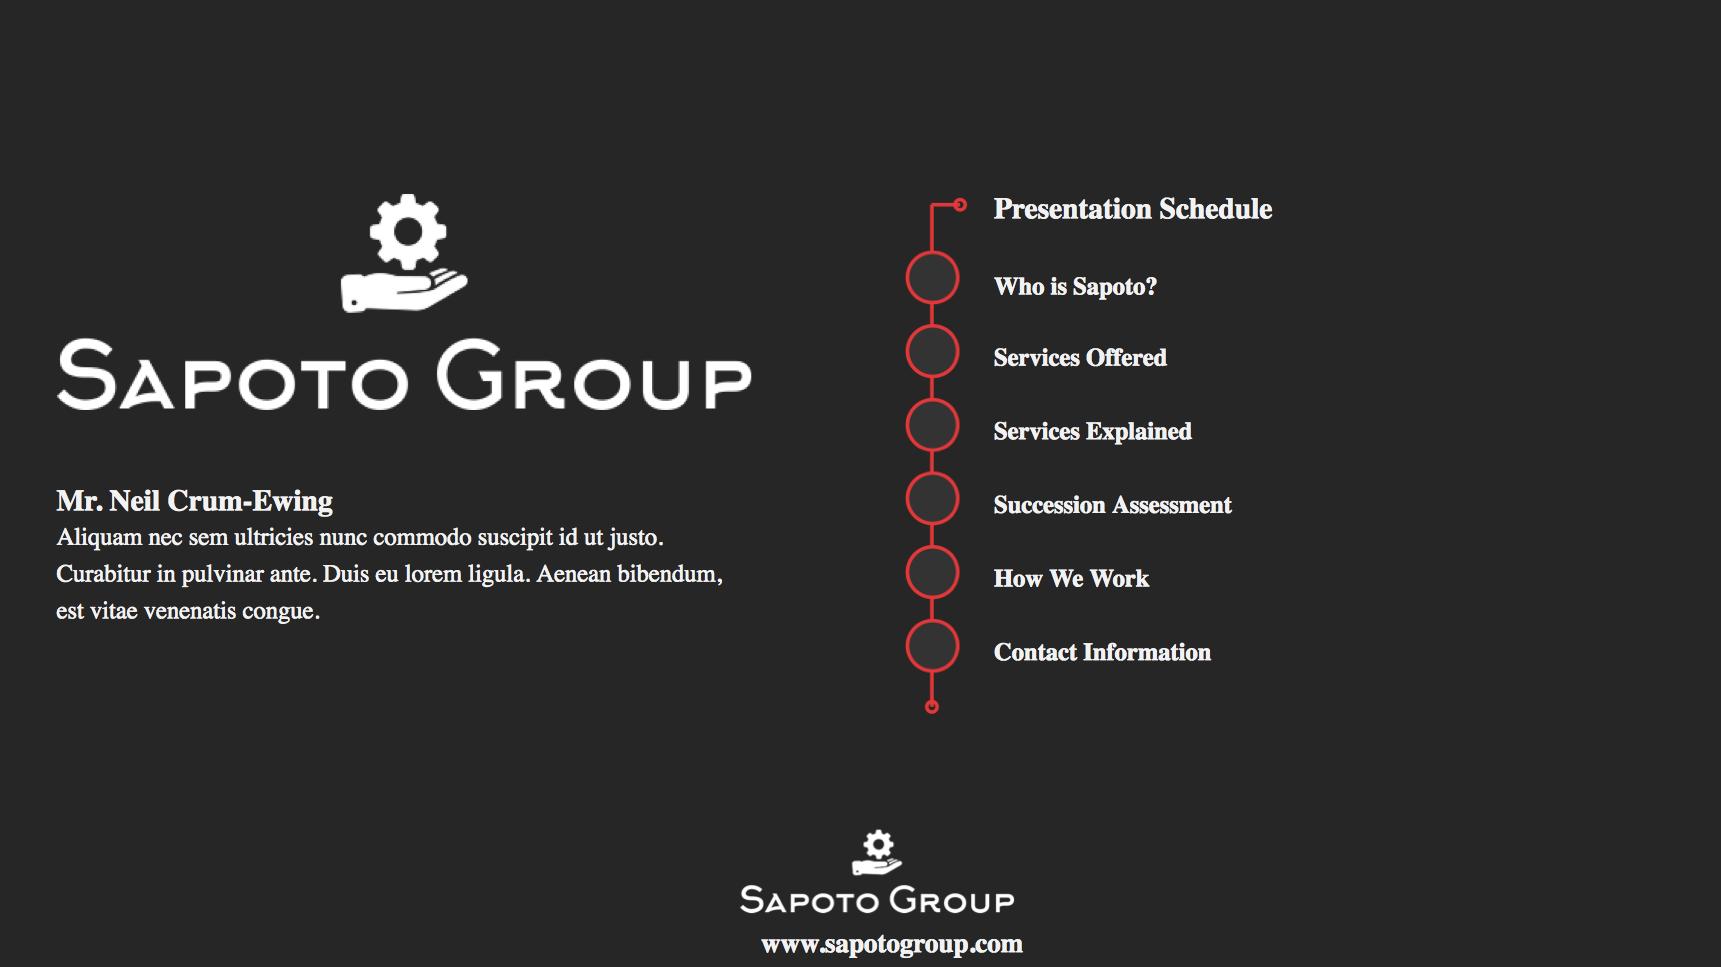 Sapoto Group